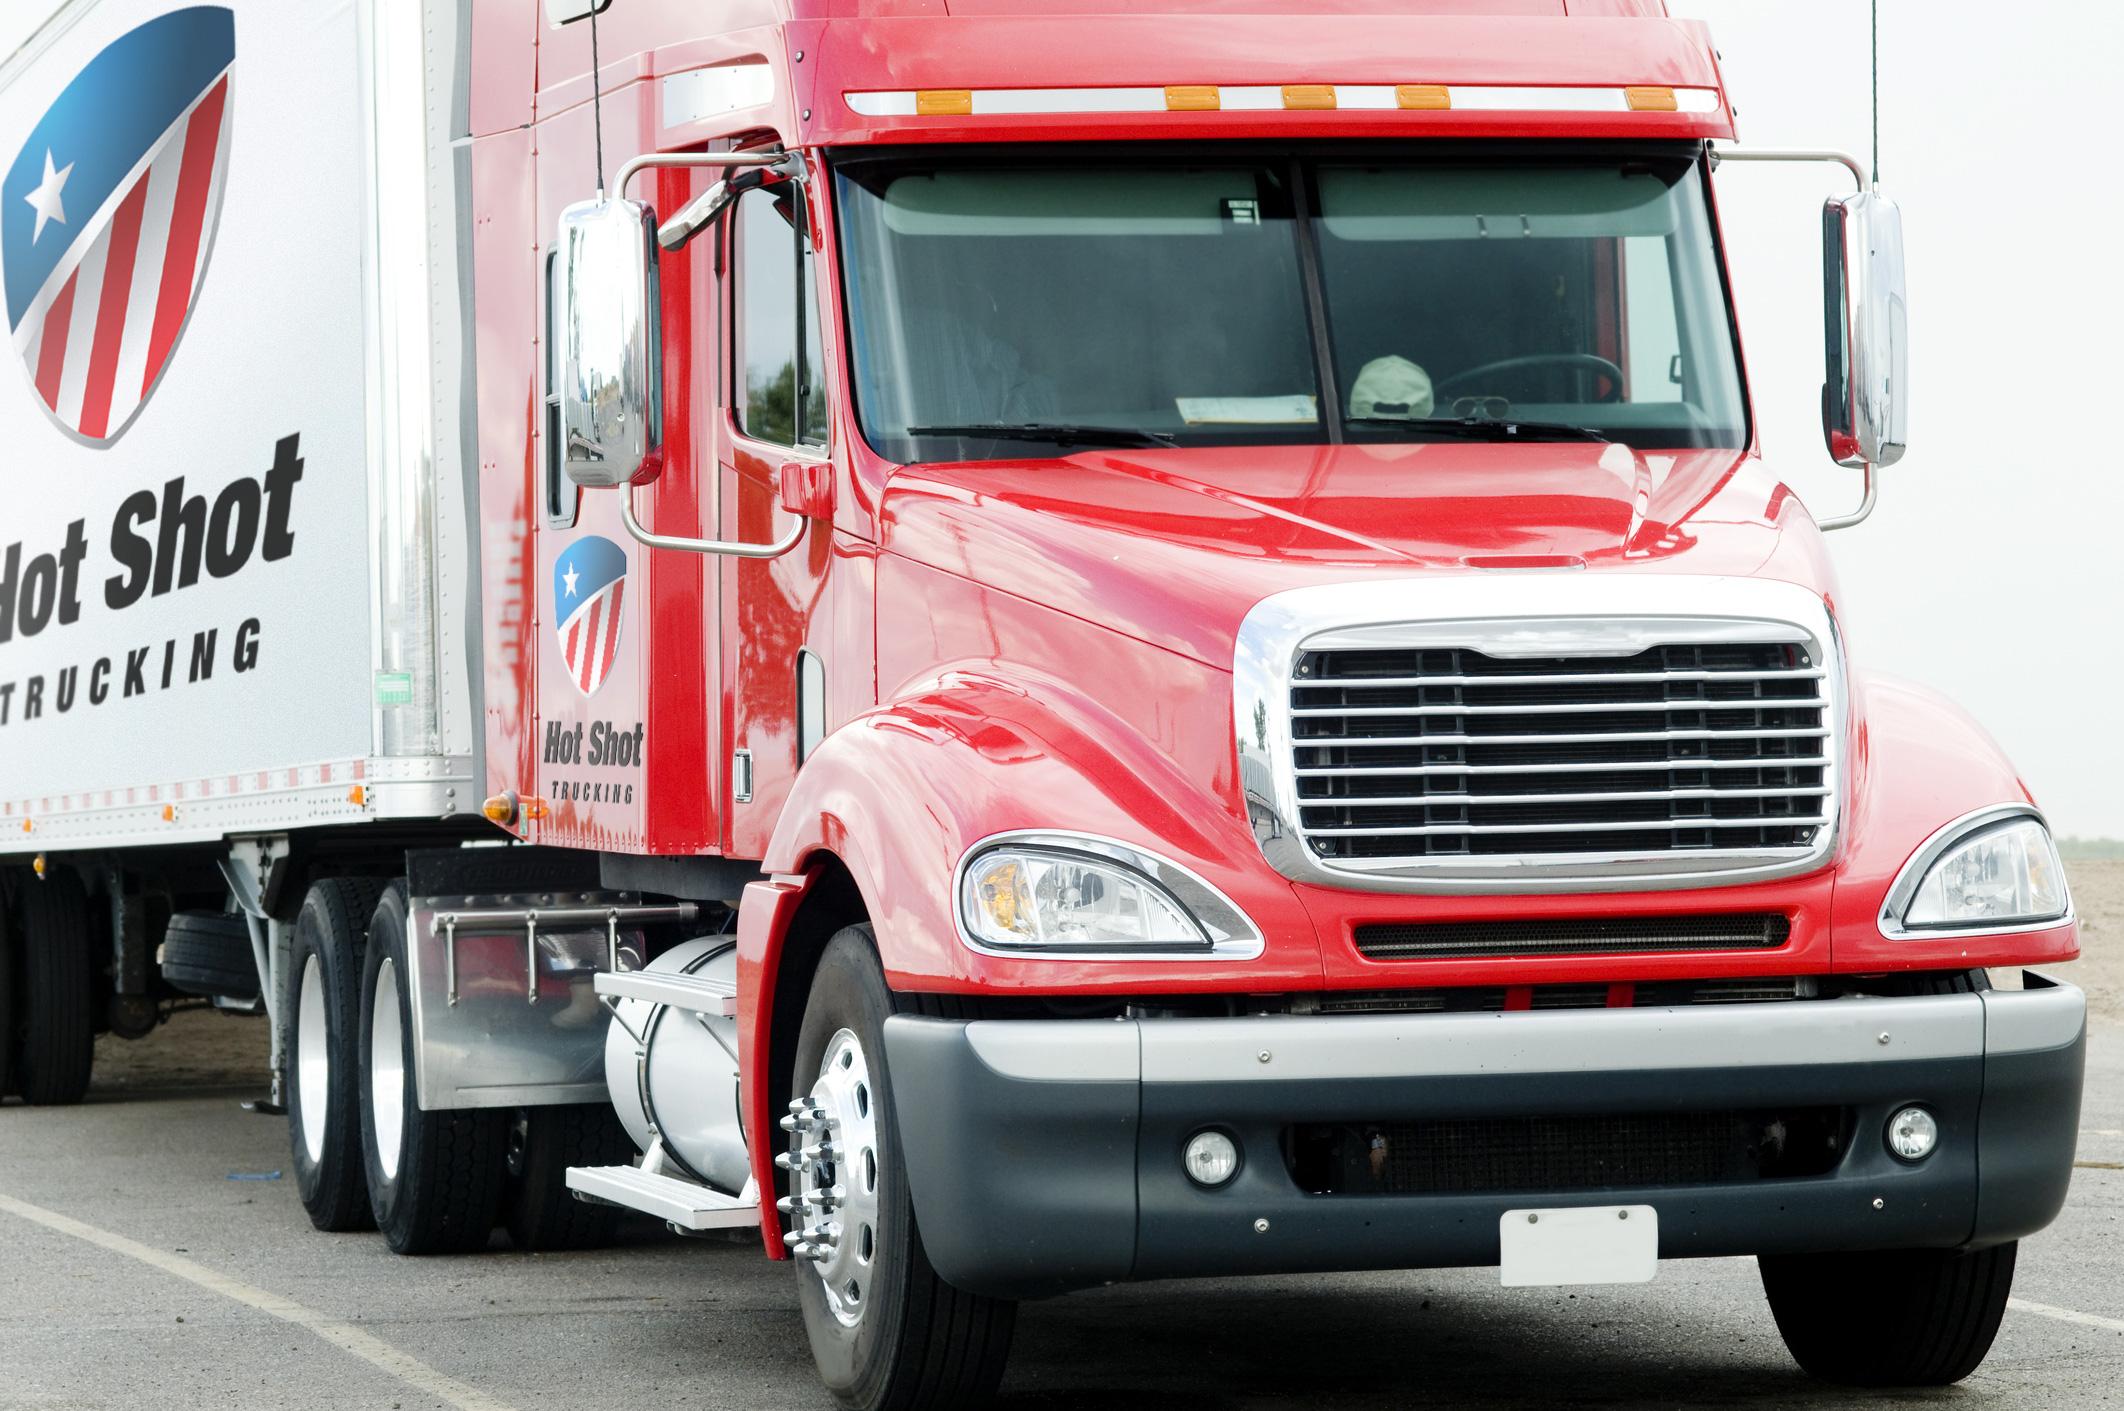 Hot Shot Trucking Alabama